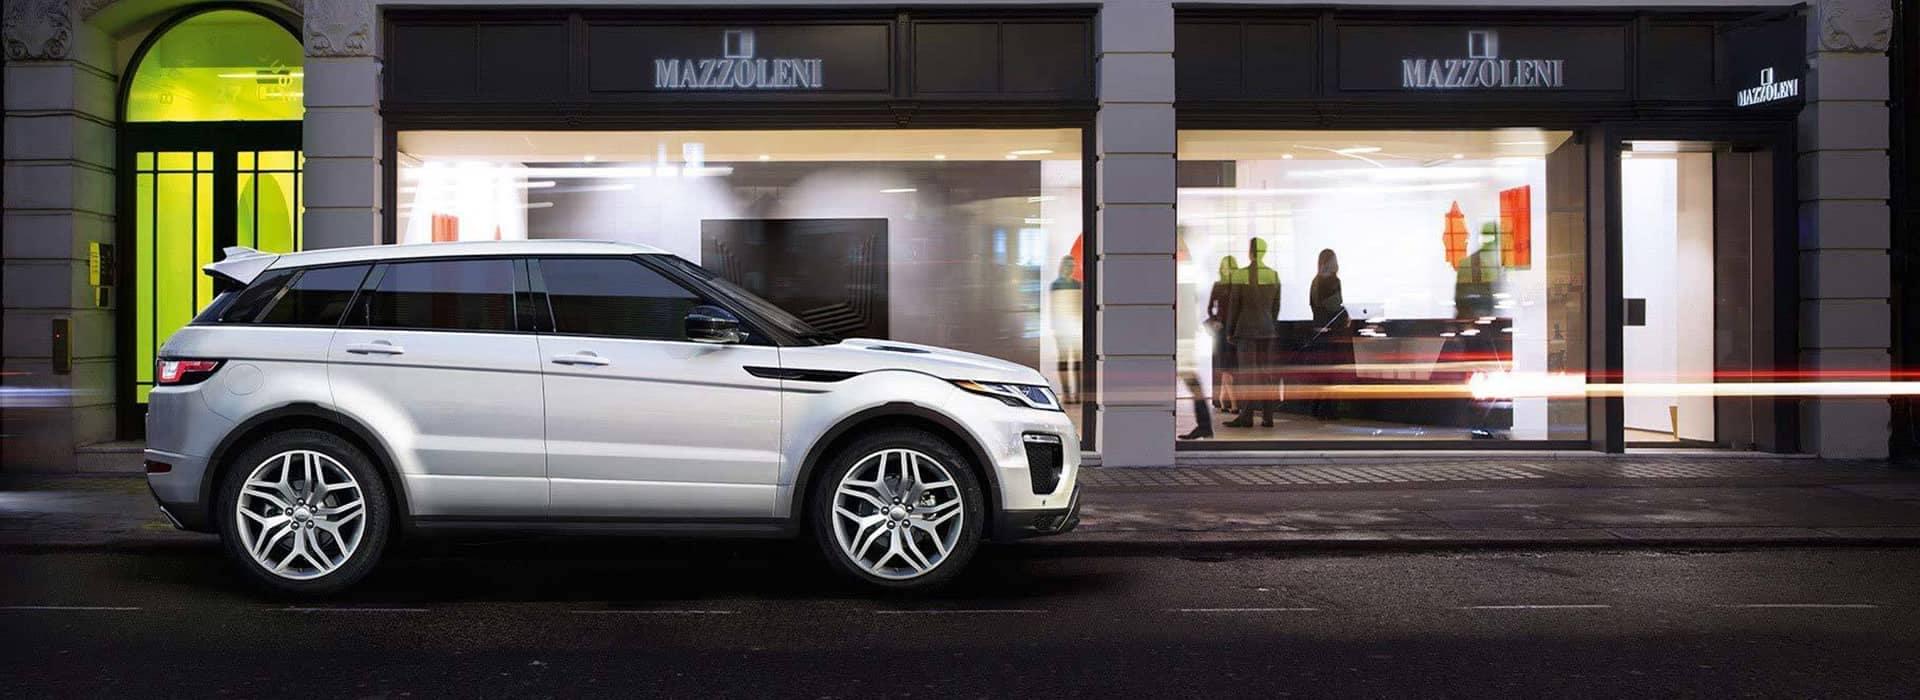 2019 Range Rover Evoque White